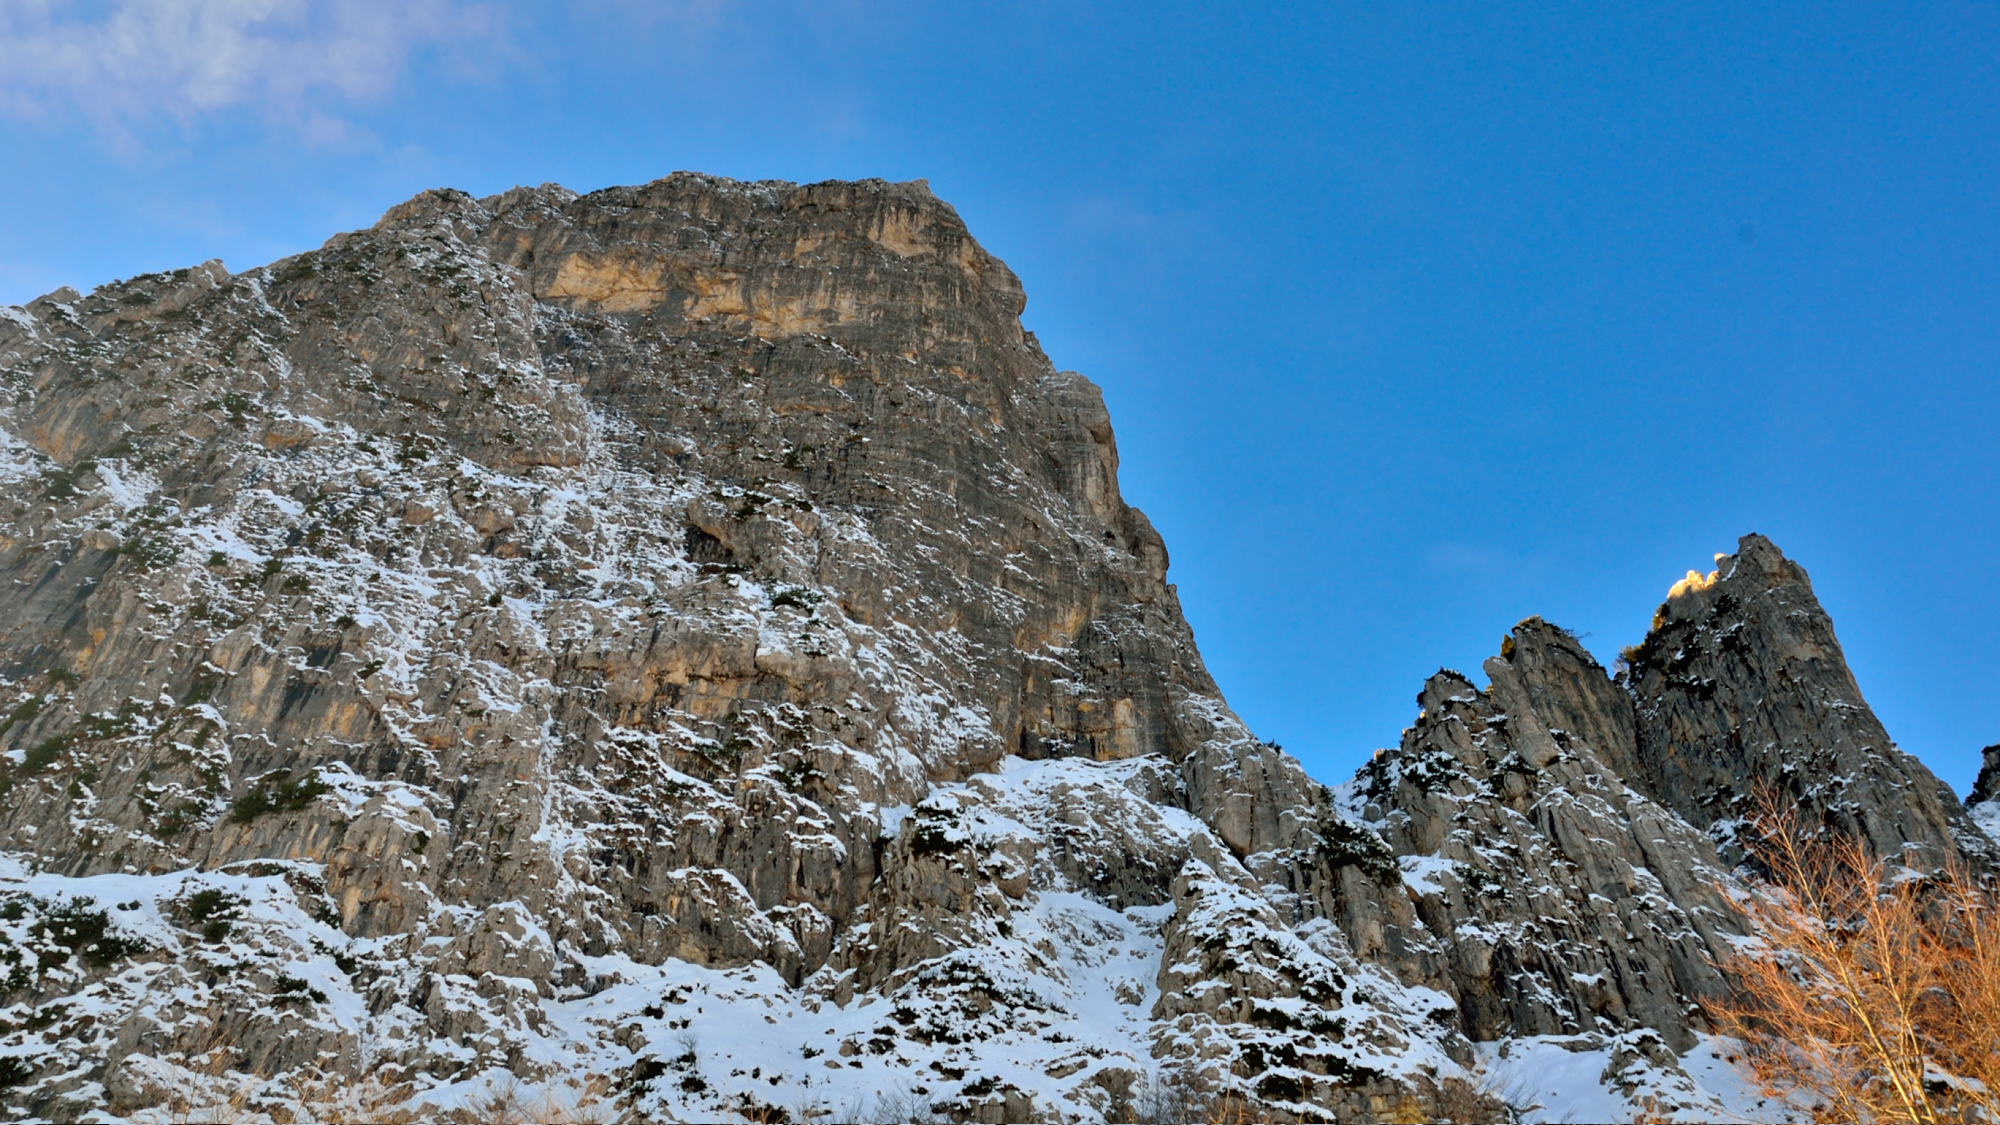 Alla scoperta del Monte Baffelan (1793m)